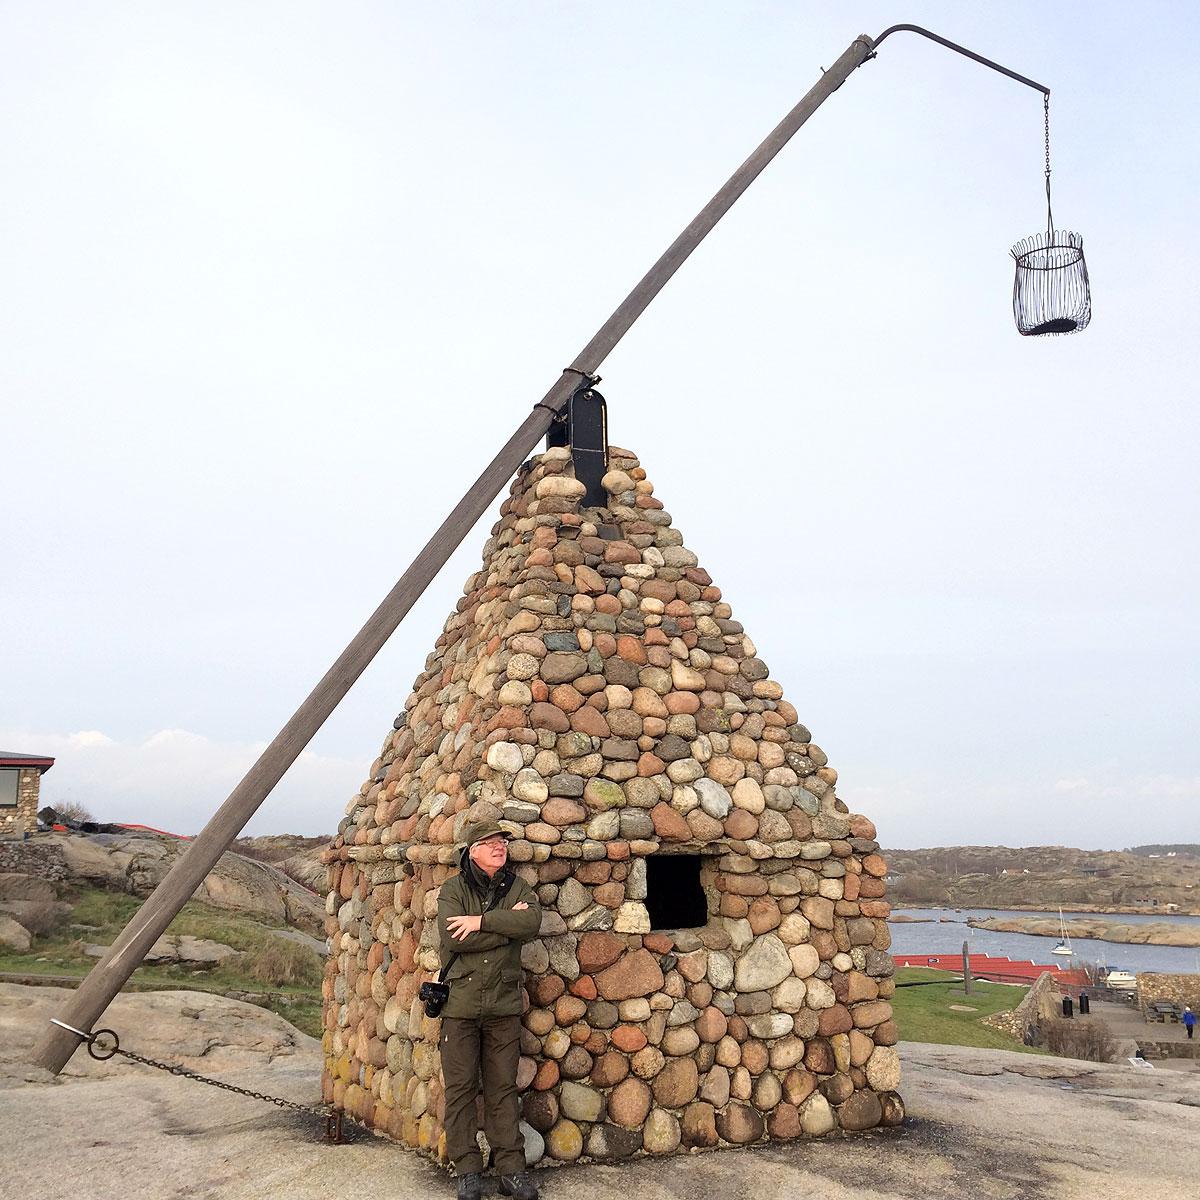 Selvfølgelig skal jeg lige have Rasmus til at tage et billede på solsiden af vippefyret som er bygget oven på et lille stenhus.